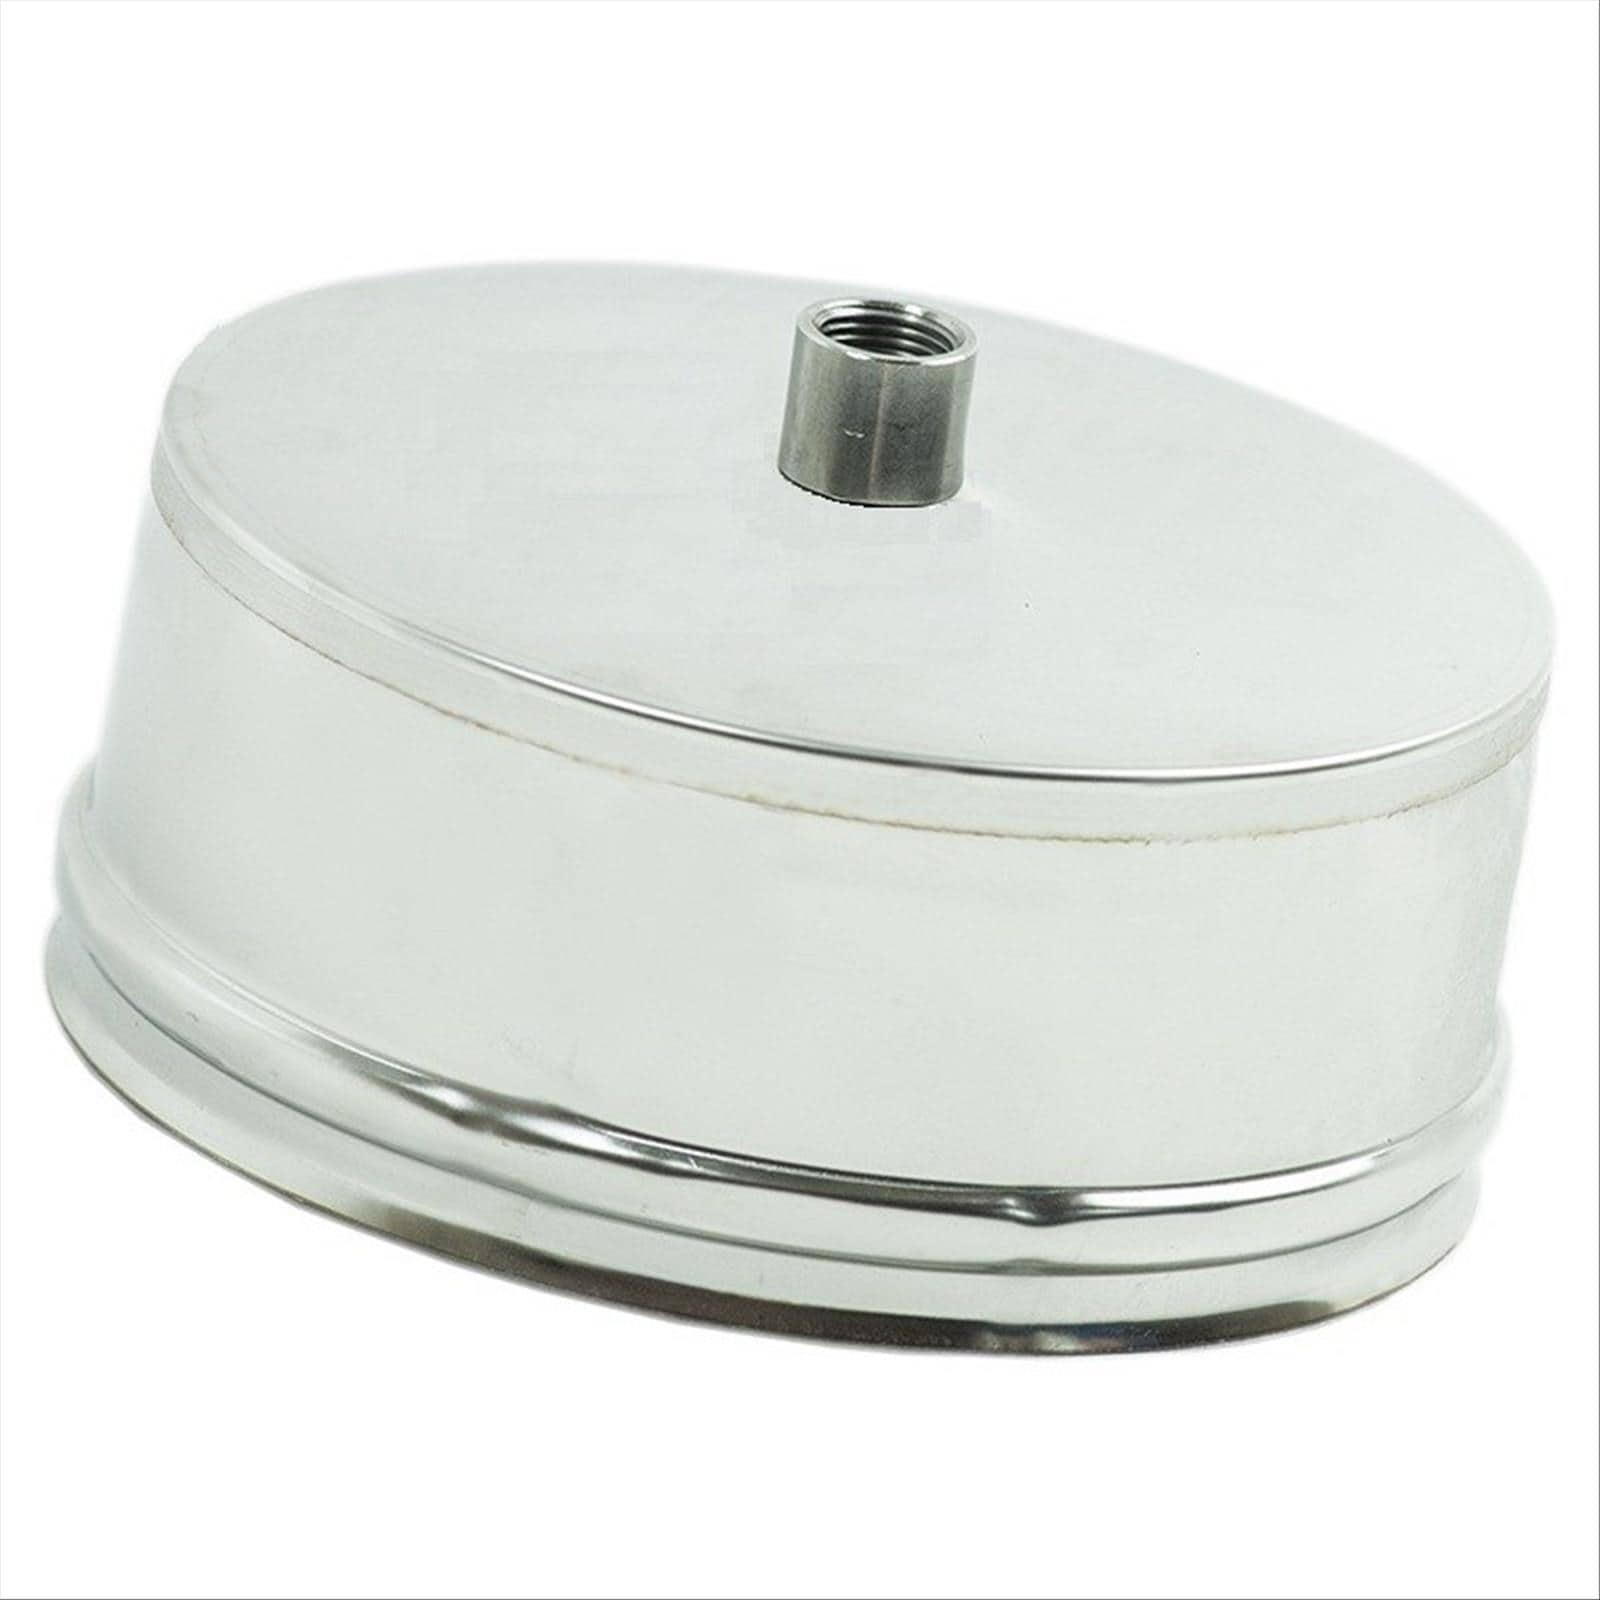 Tappo per scarico condensa canna fumaria acciaio inox 314 for Canna fumaria inox bricoman